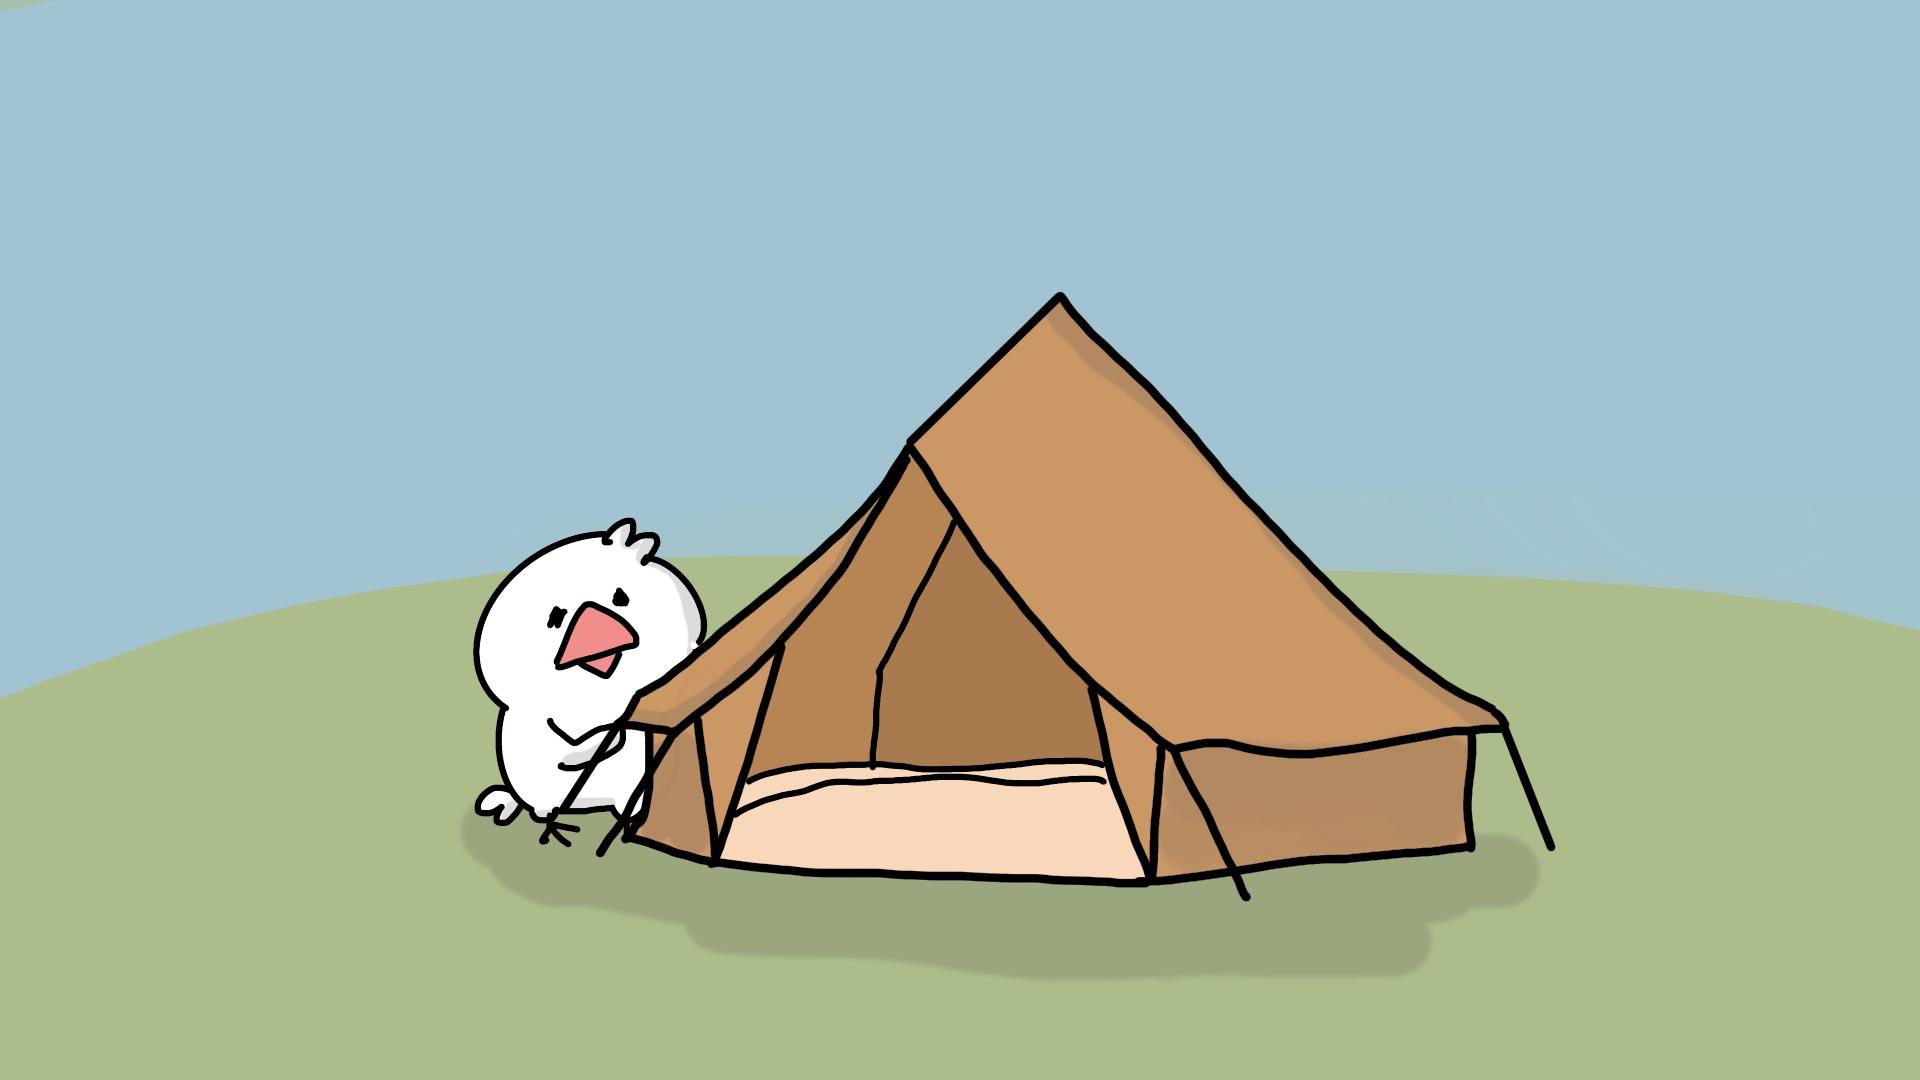 キャンプをしてみたい!